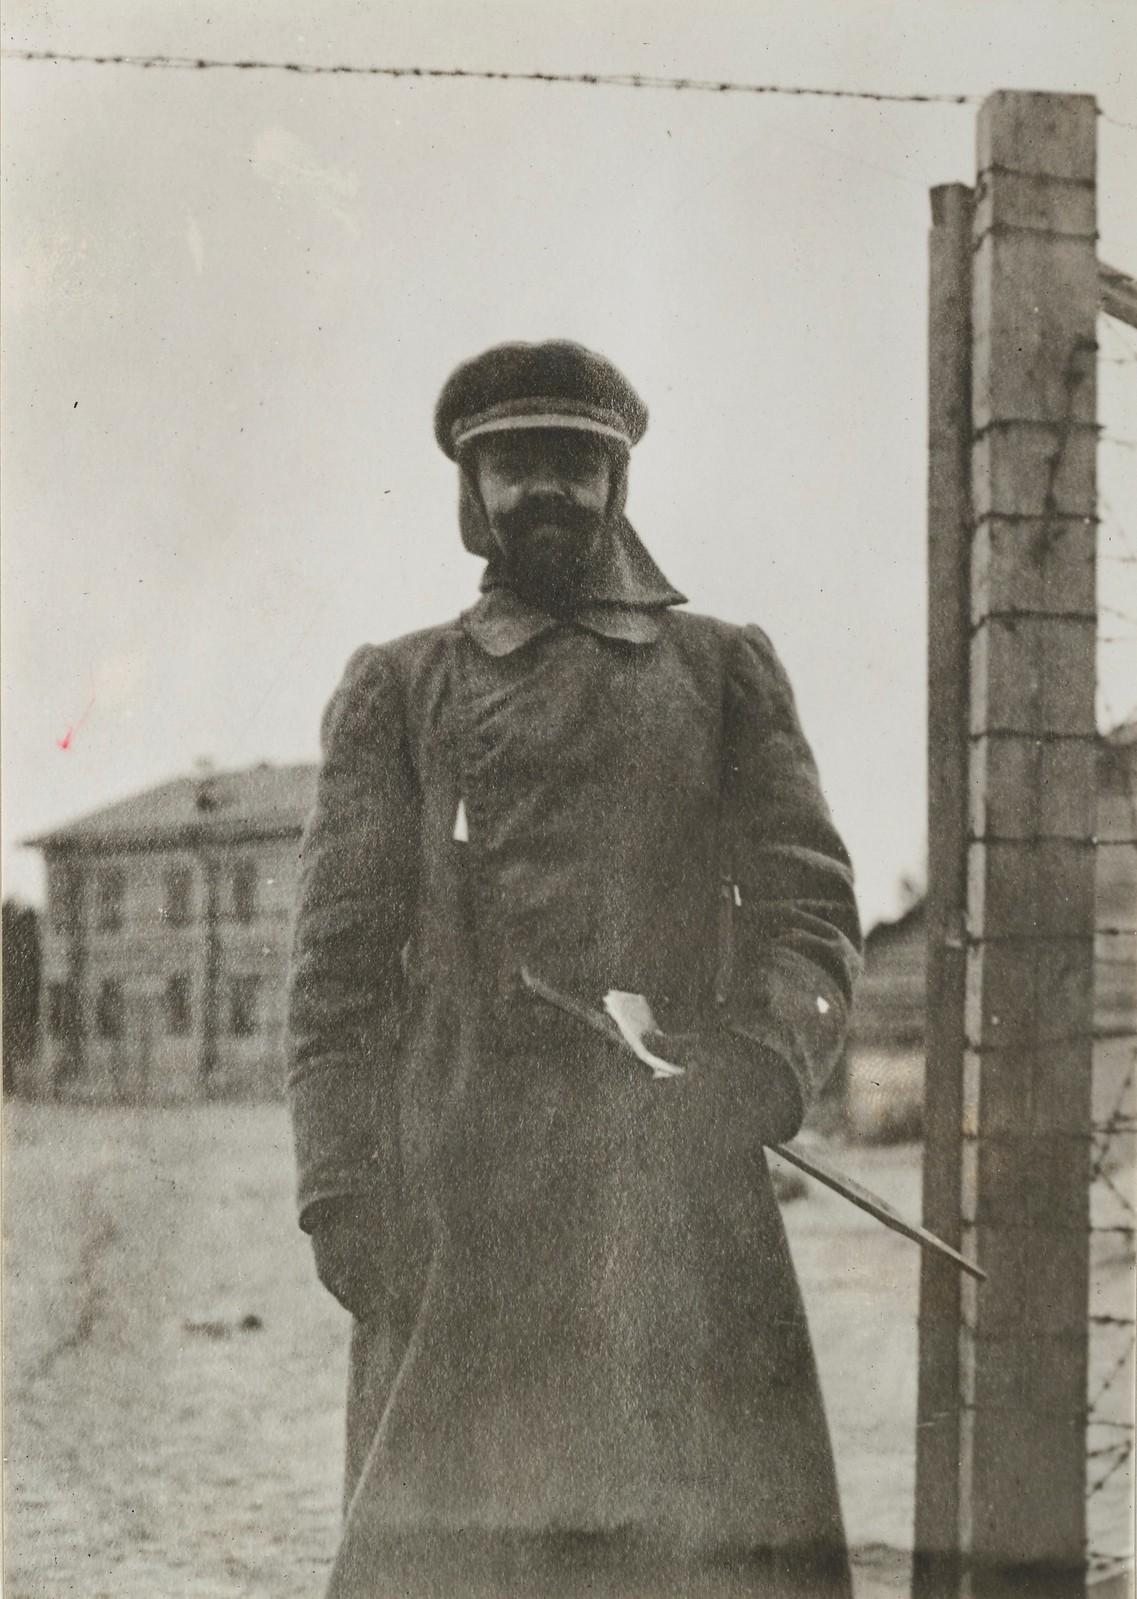 Бриллиантов, большевистский узник, отвечающий за лагерь и сам под охраной французских войск